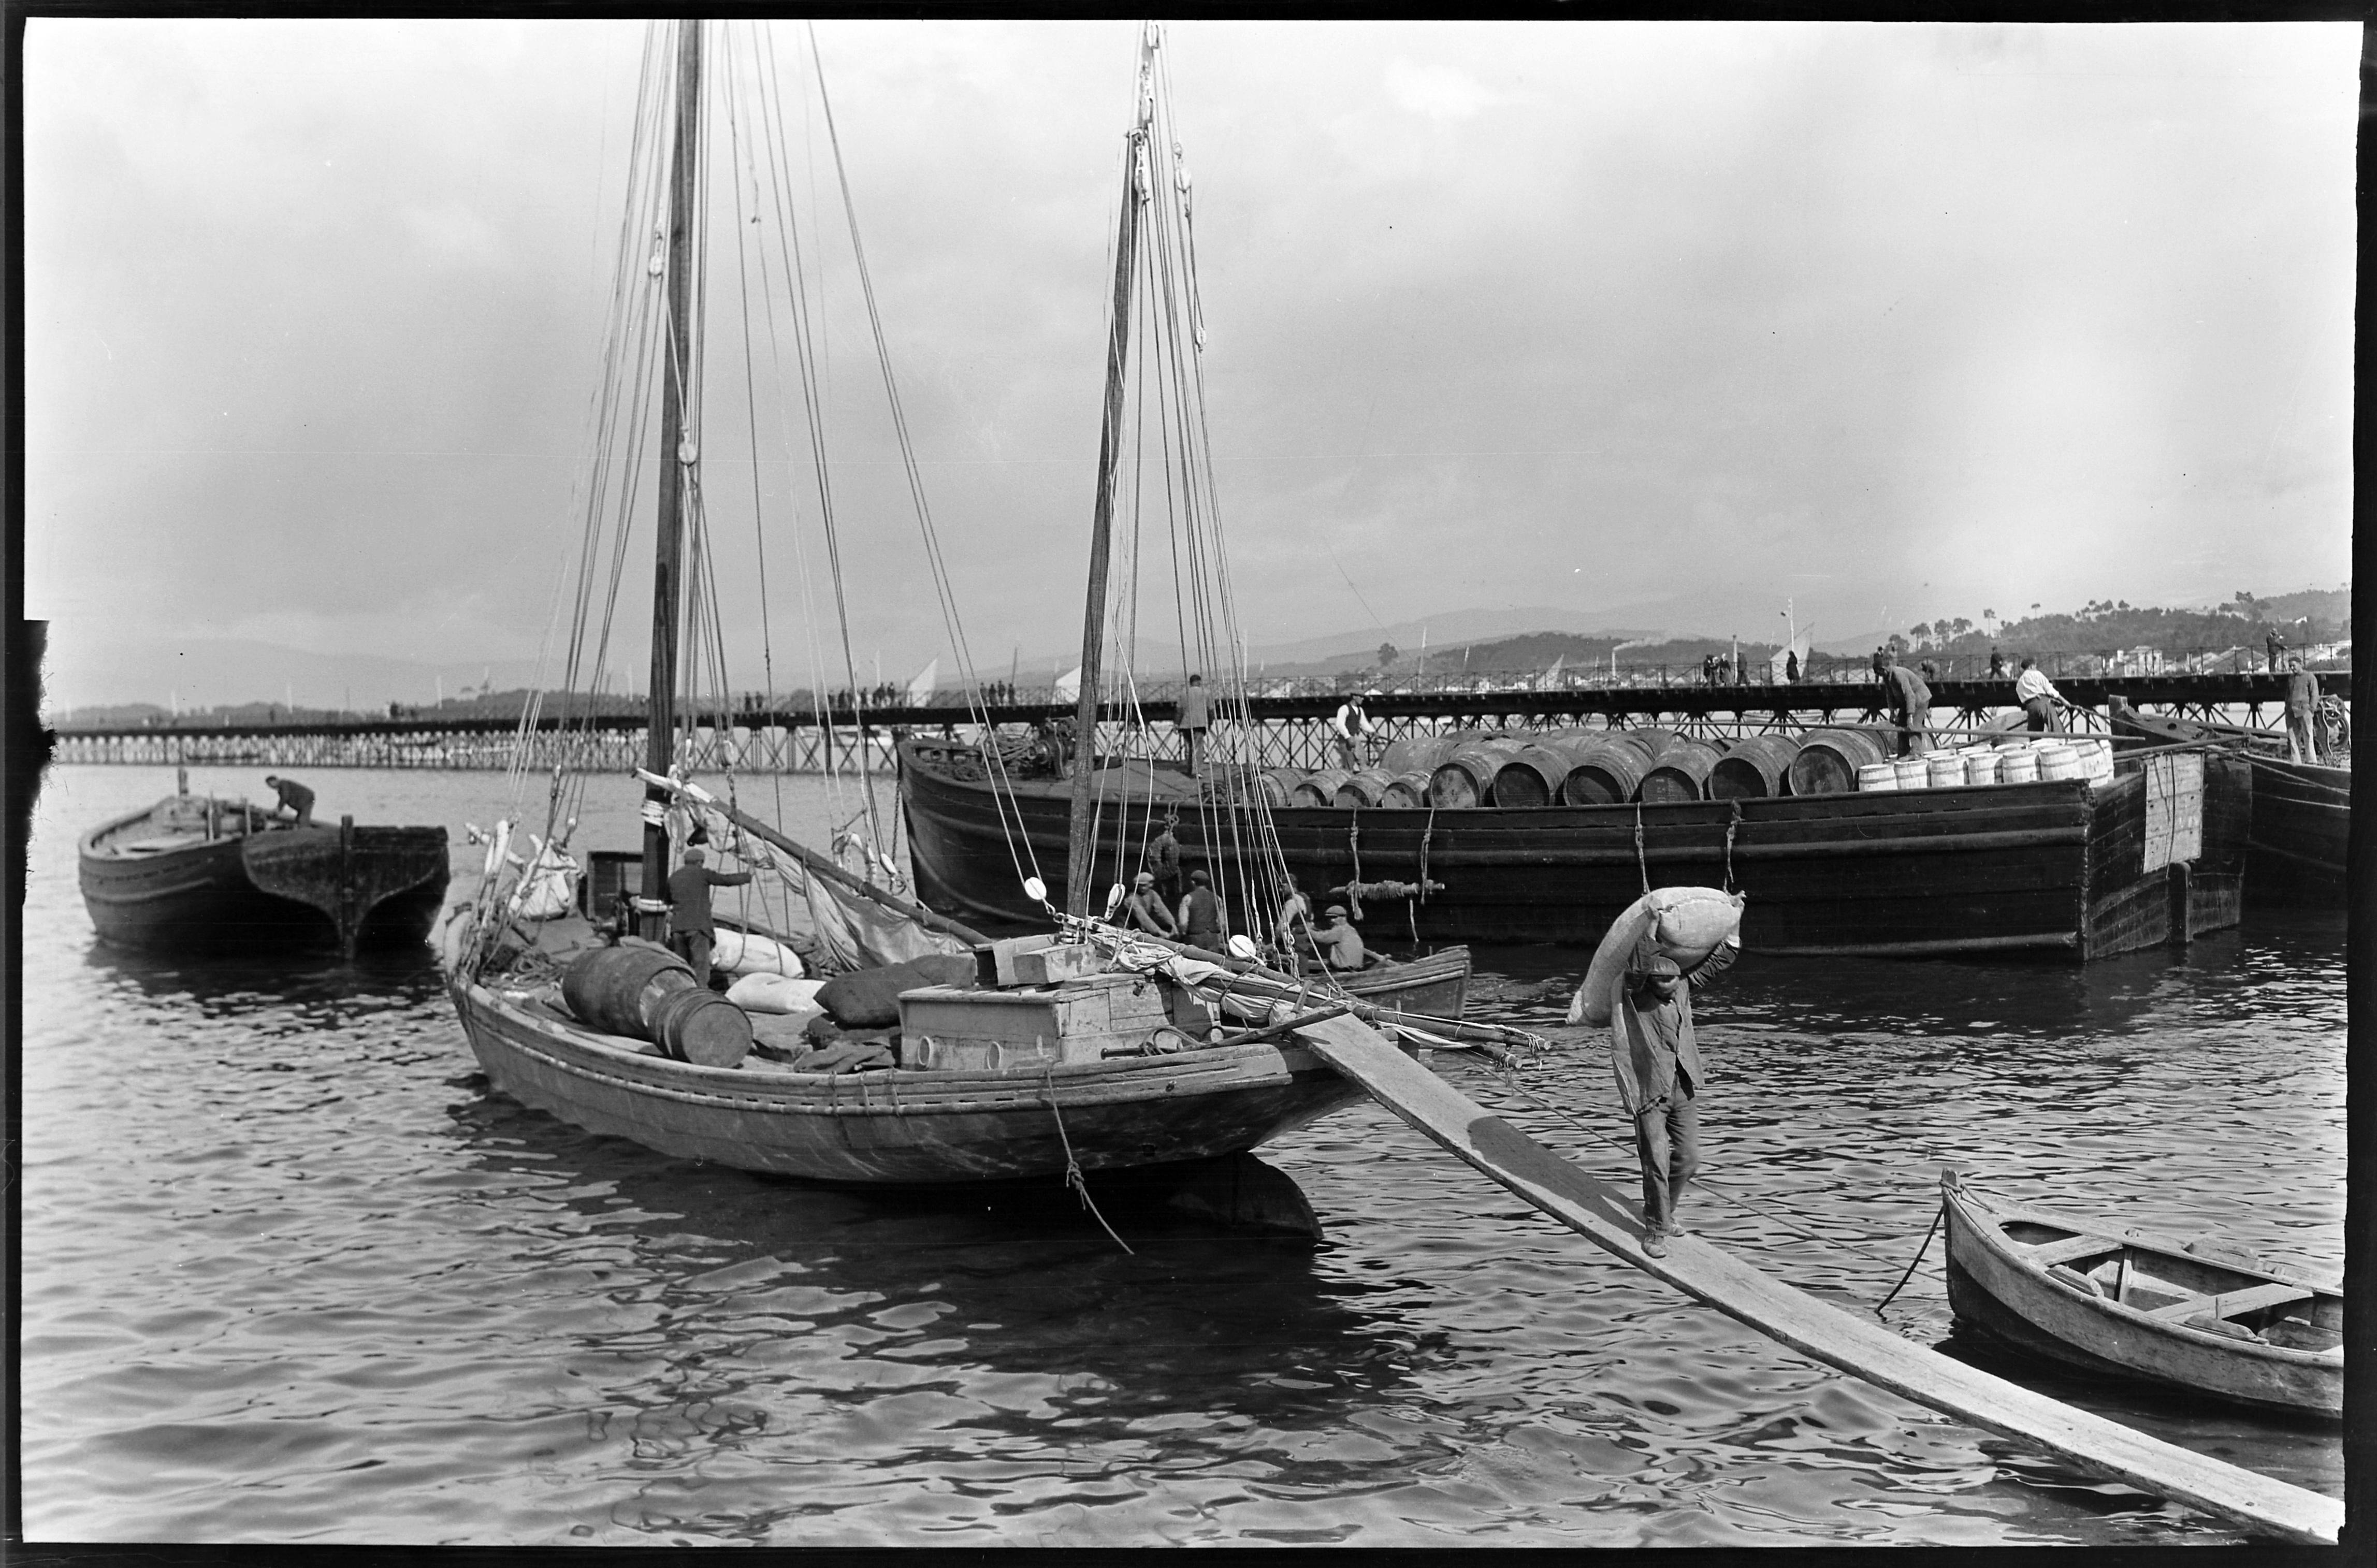 Descarga de fariña no porto de Vilagarcia